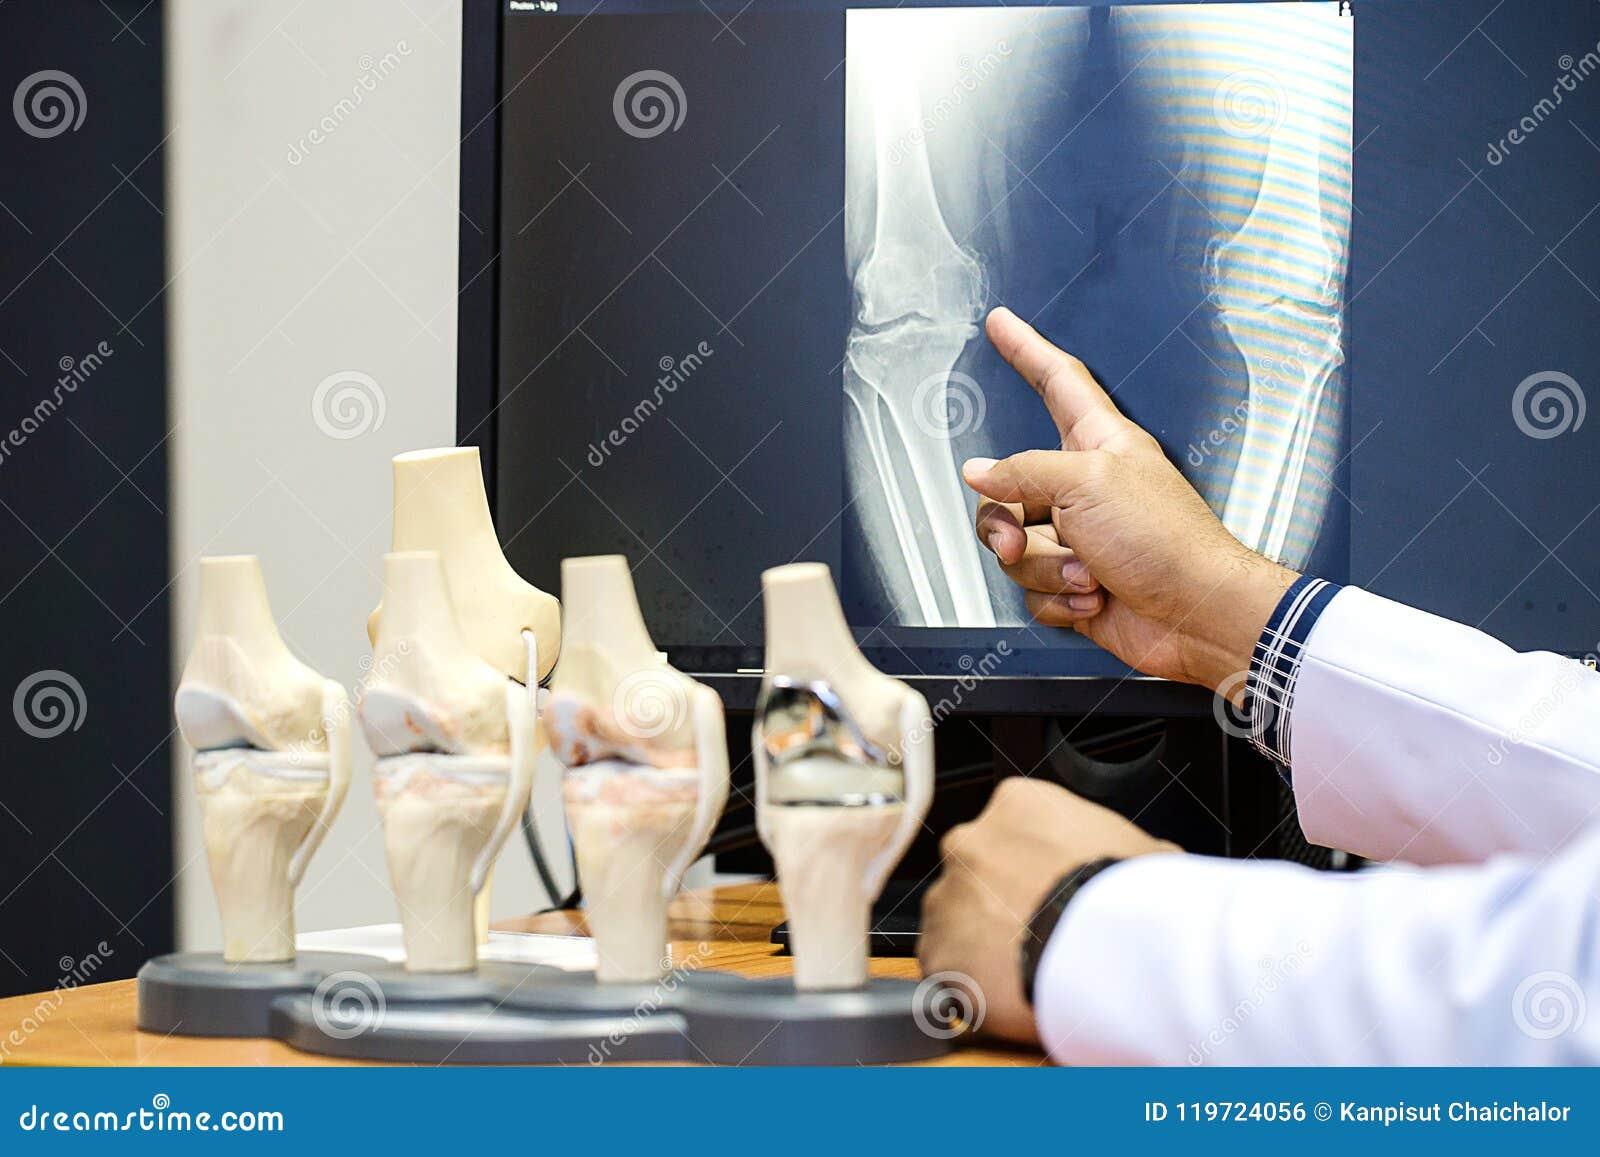 Soignez le pointage sur le point de problème de genou sur le film radiographique genou squelettique de projection de rayon X sur